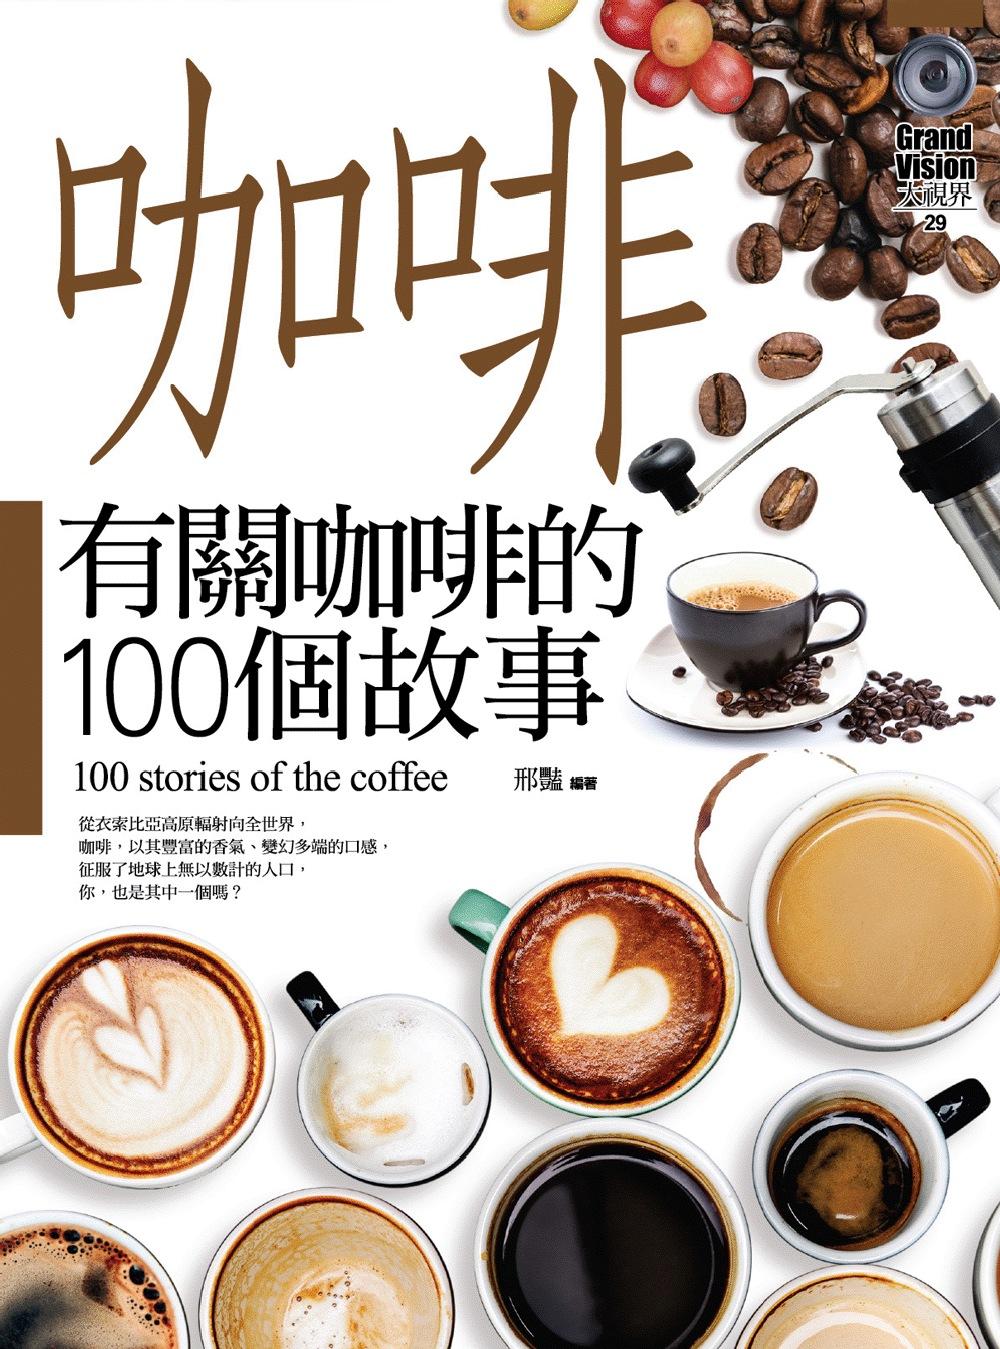 有關咖啡的100個故事